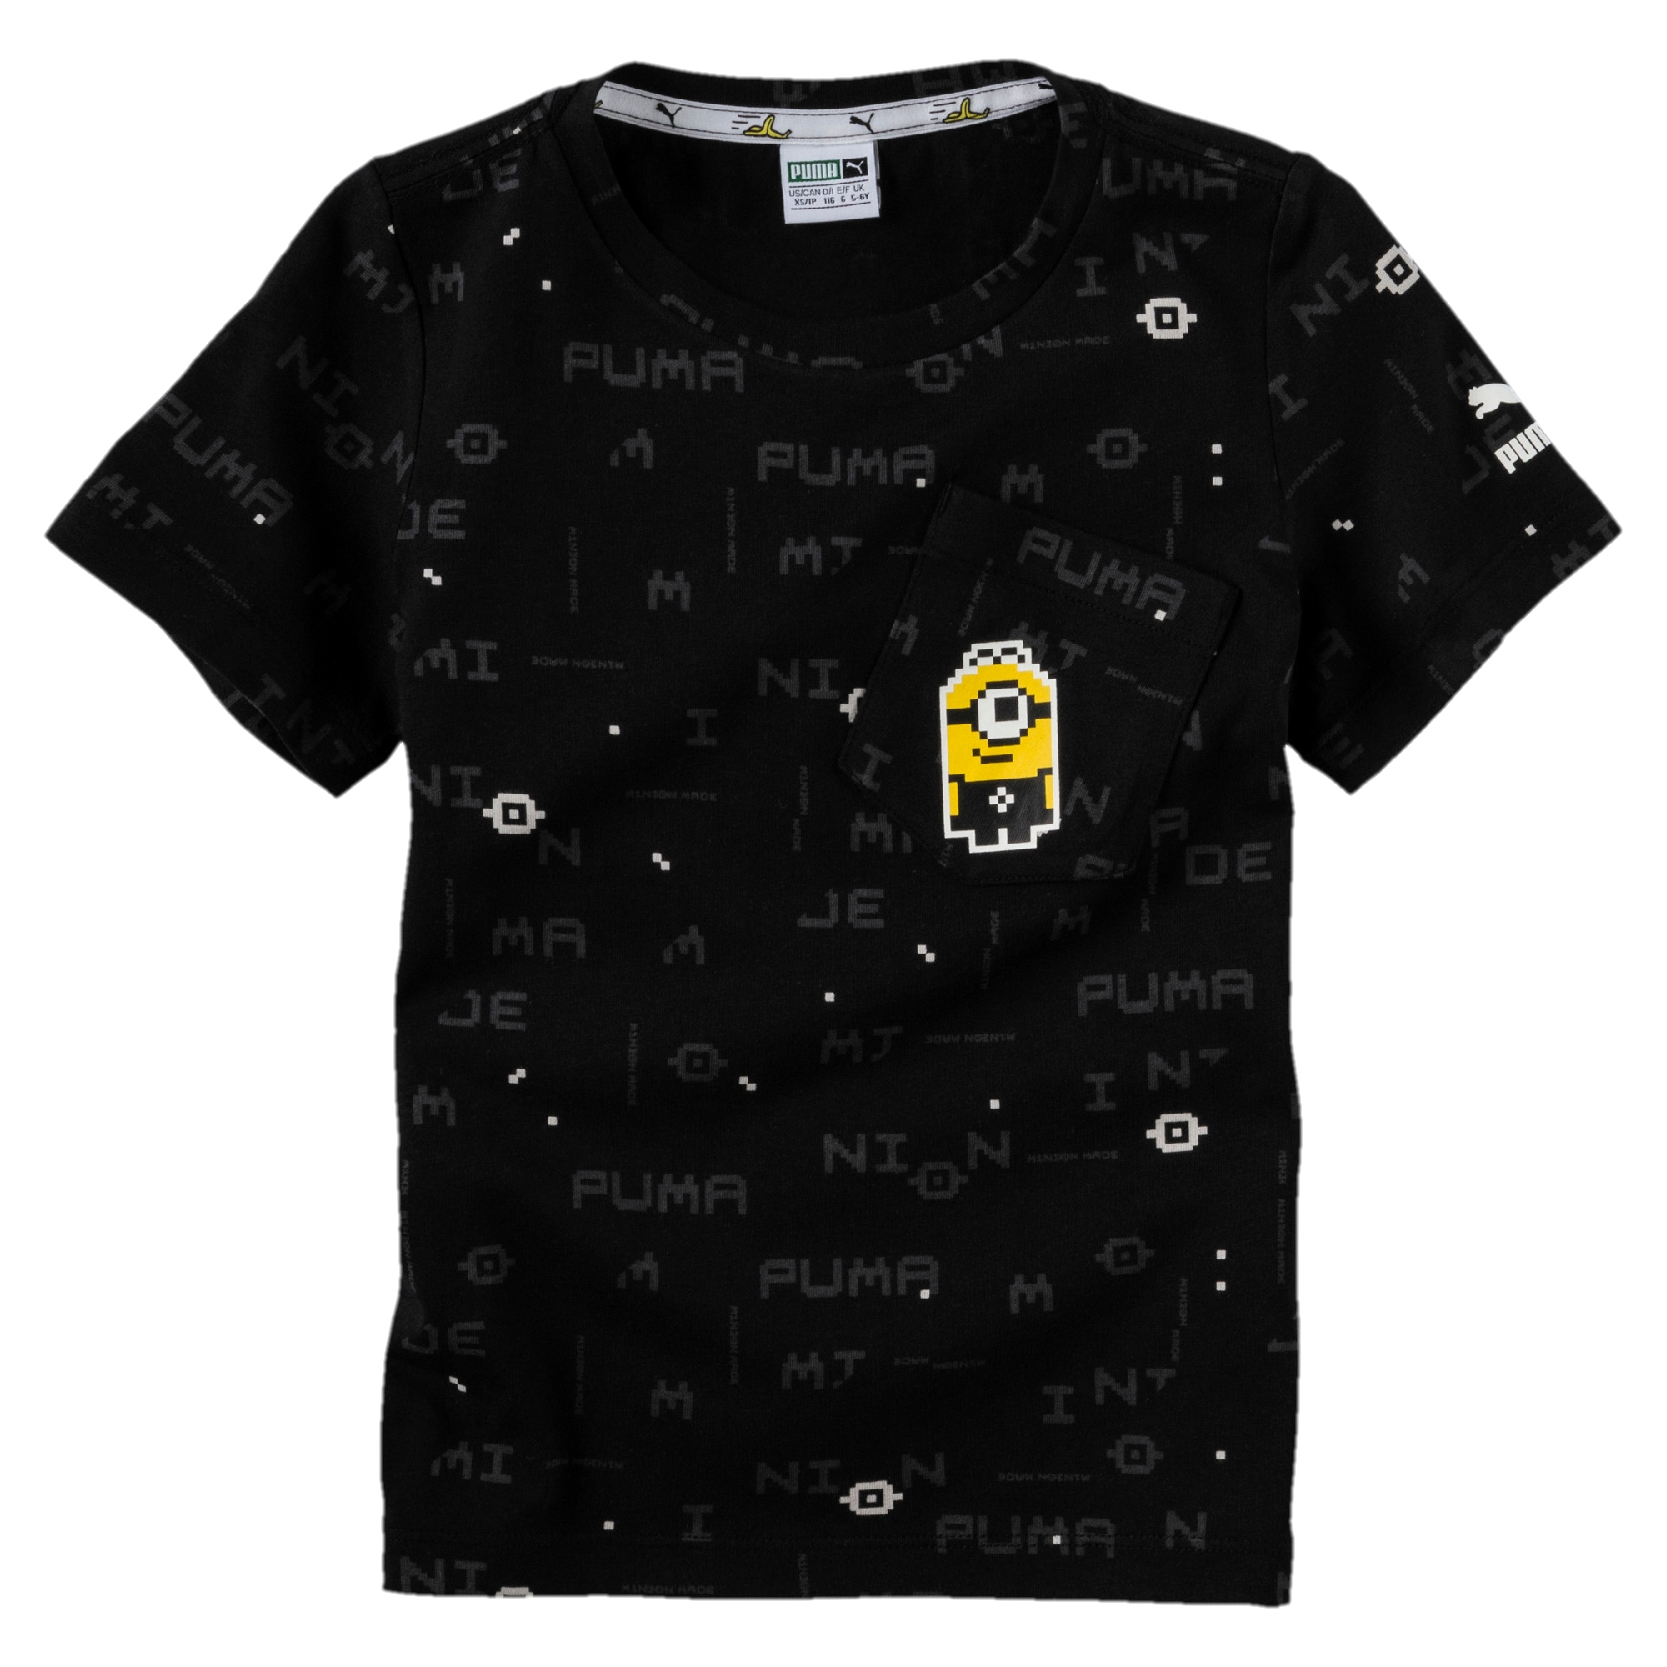 Puma T-Shirt 5001823735002 Ürün Resmi